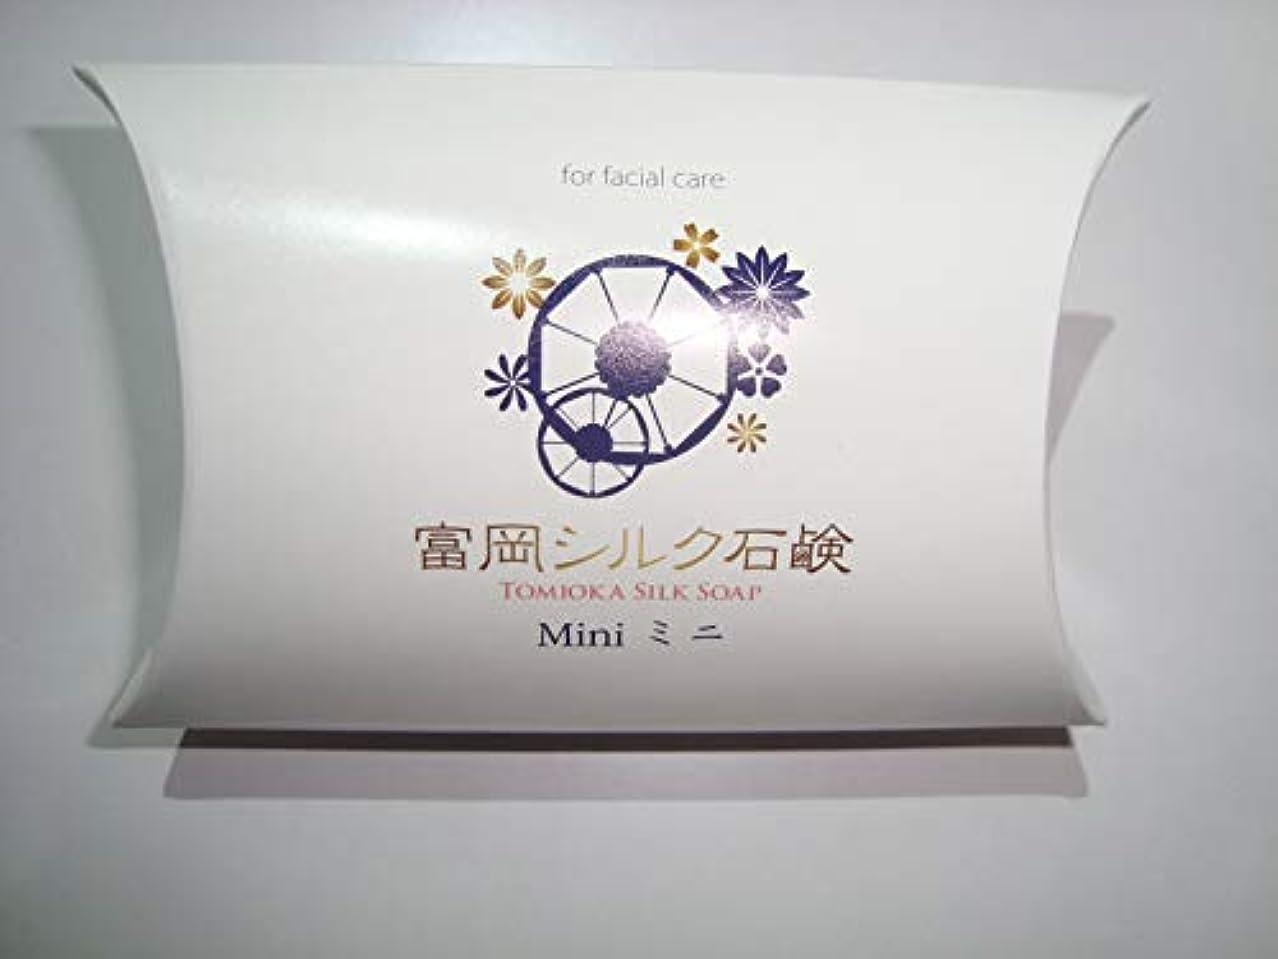 ふりをする座標ツーリスト絹工房 富岡シルク石鹸 ミニサイズ(12g)